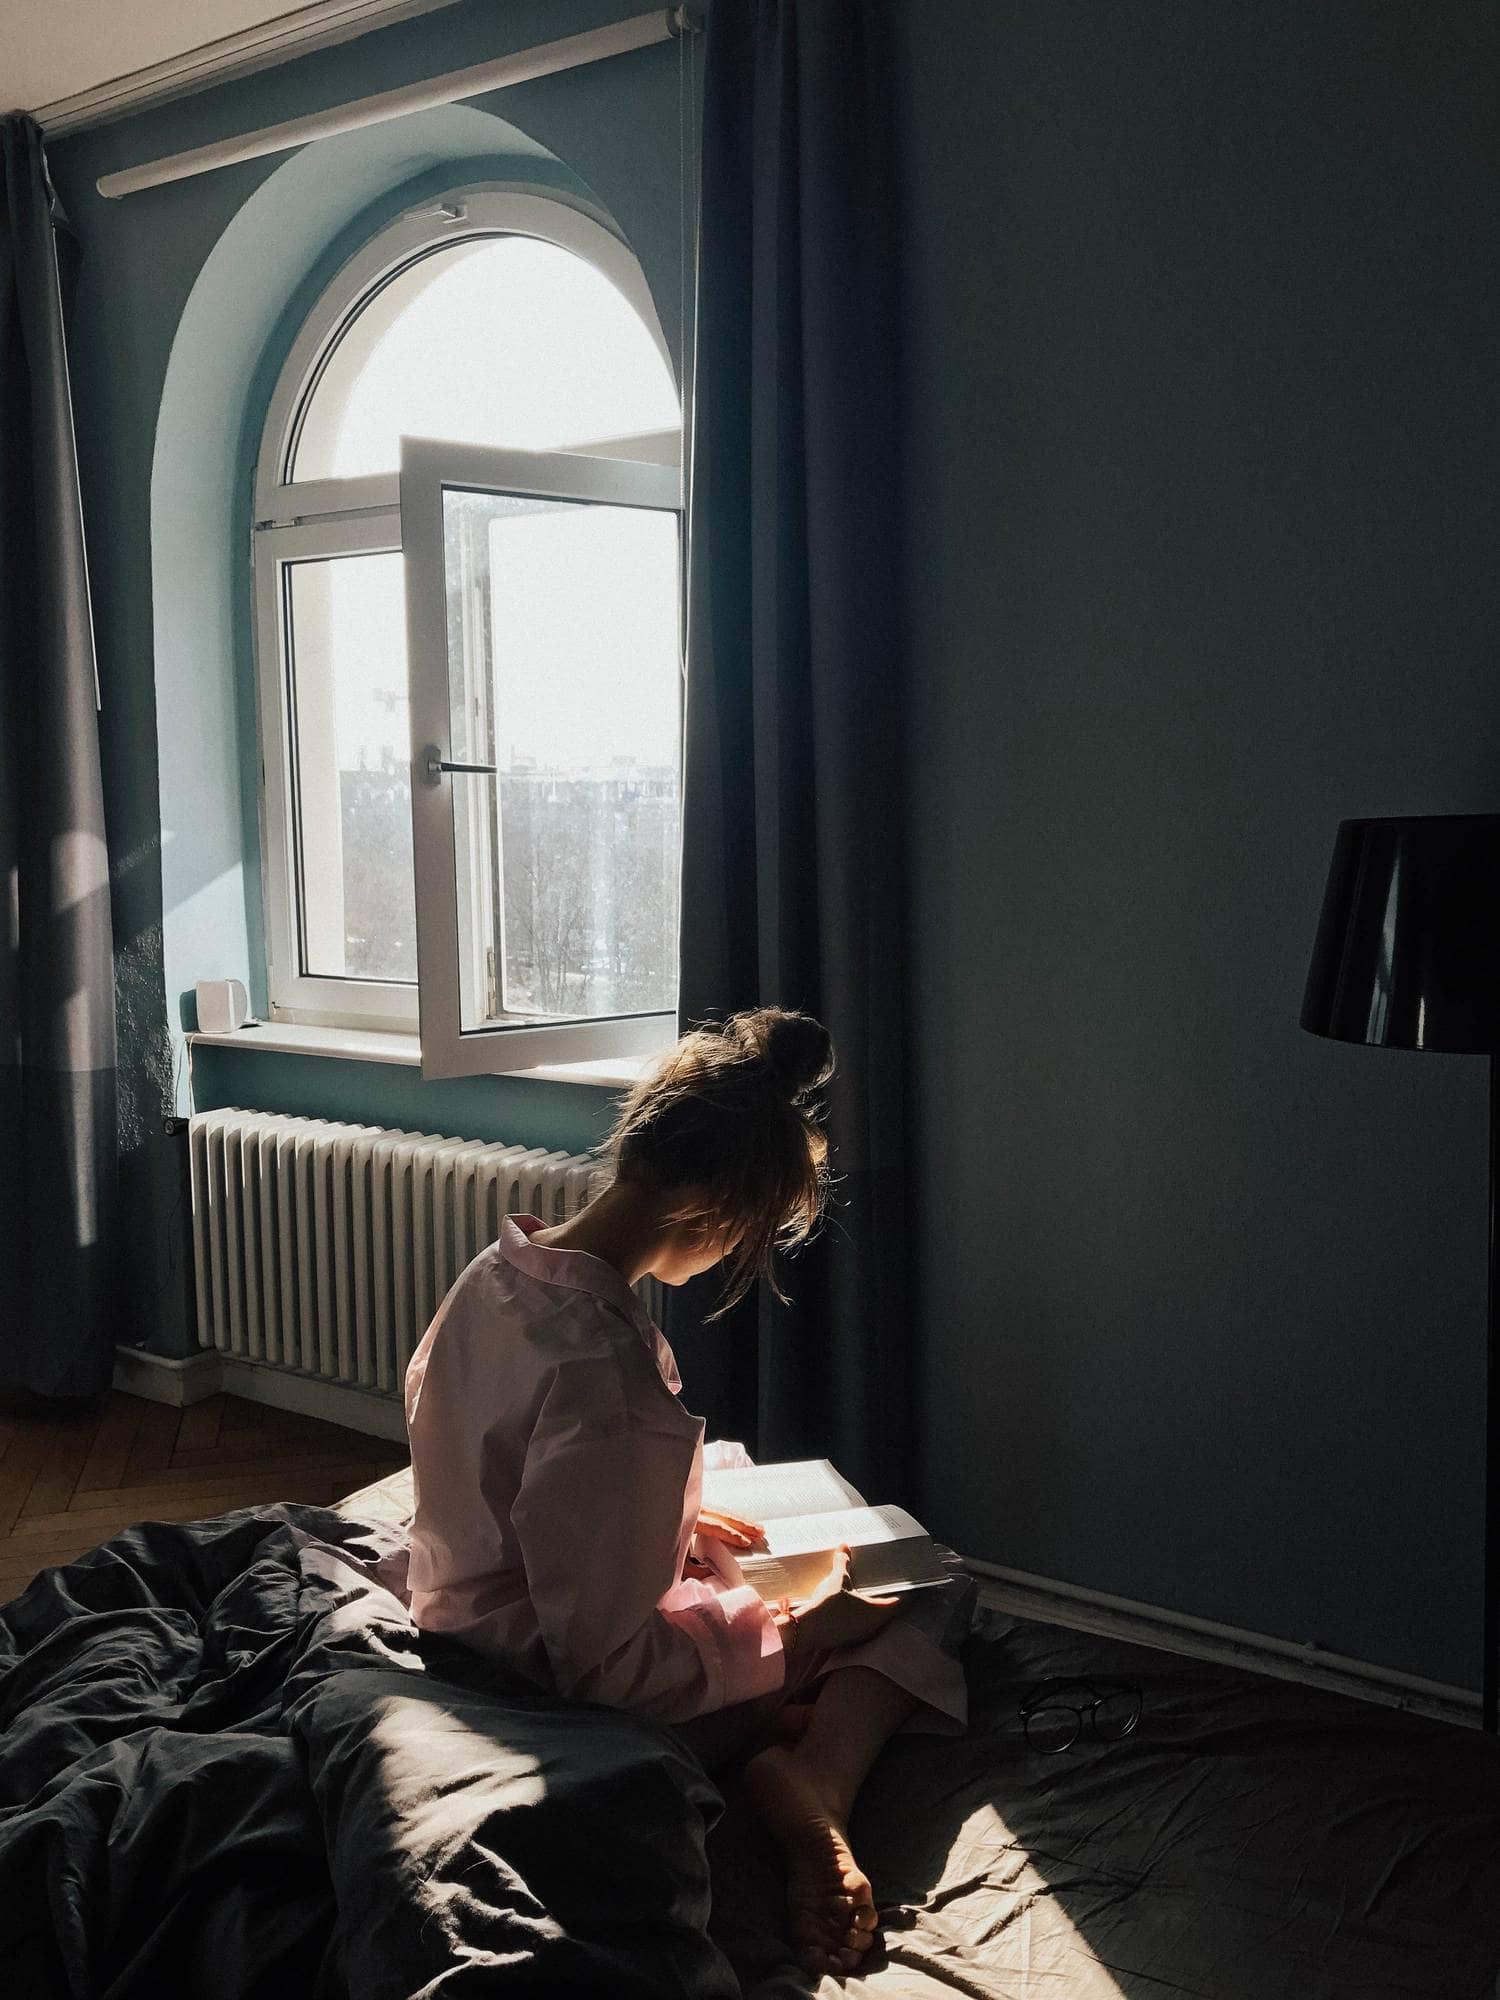 Lectora sentada en la cama bañada por la luz de una ventana